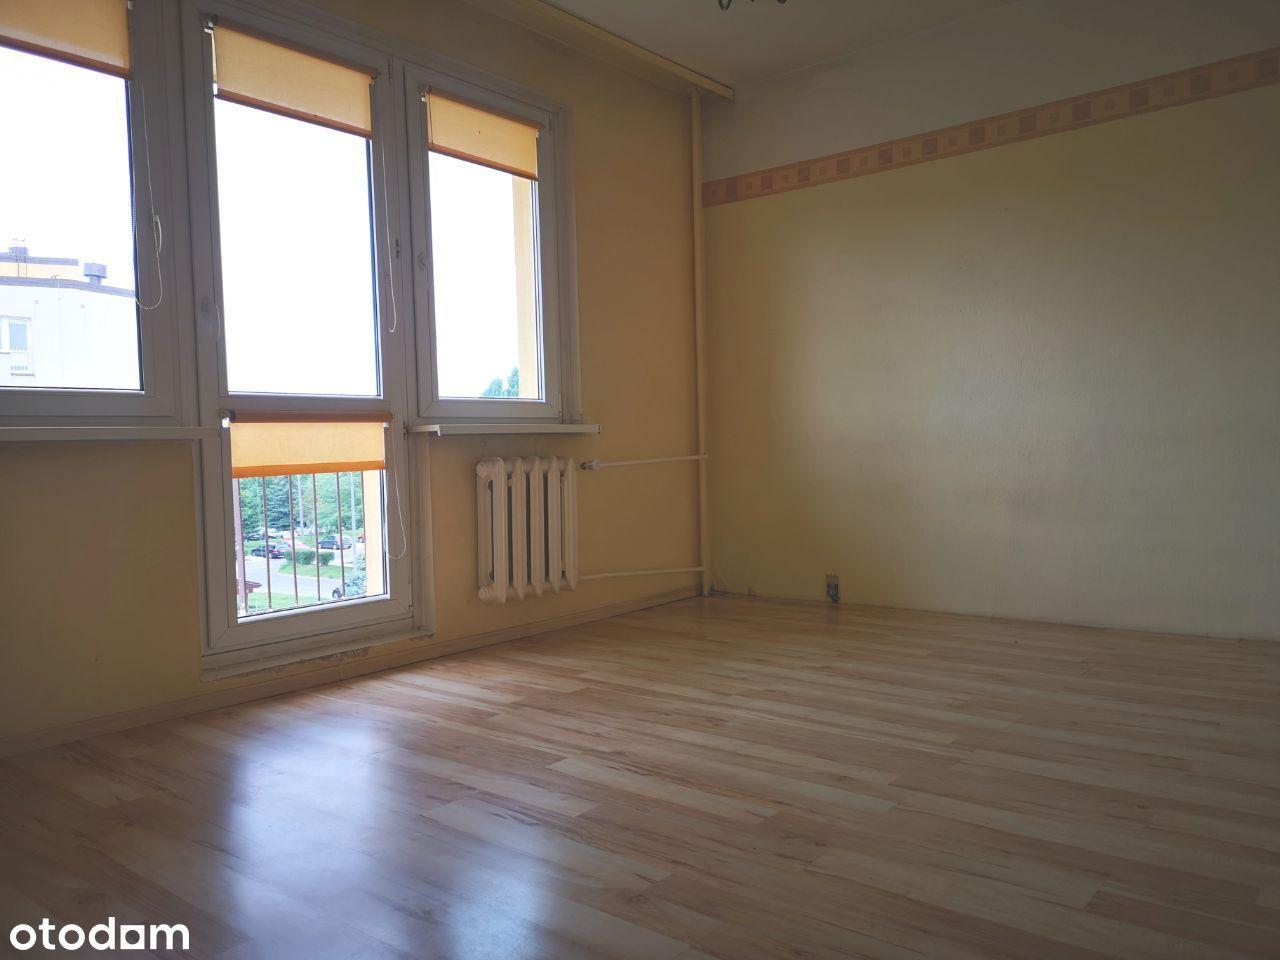 Przytorze - atrakcyjne mieszkanie 3 pokojowe